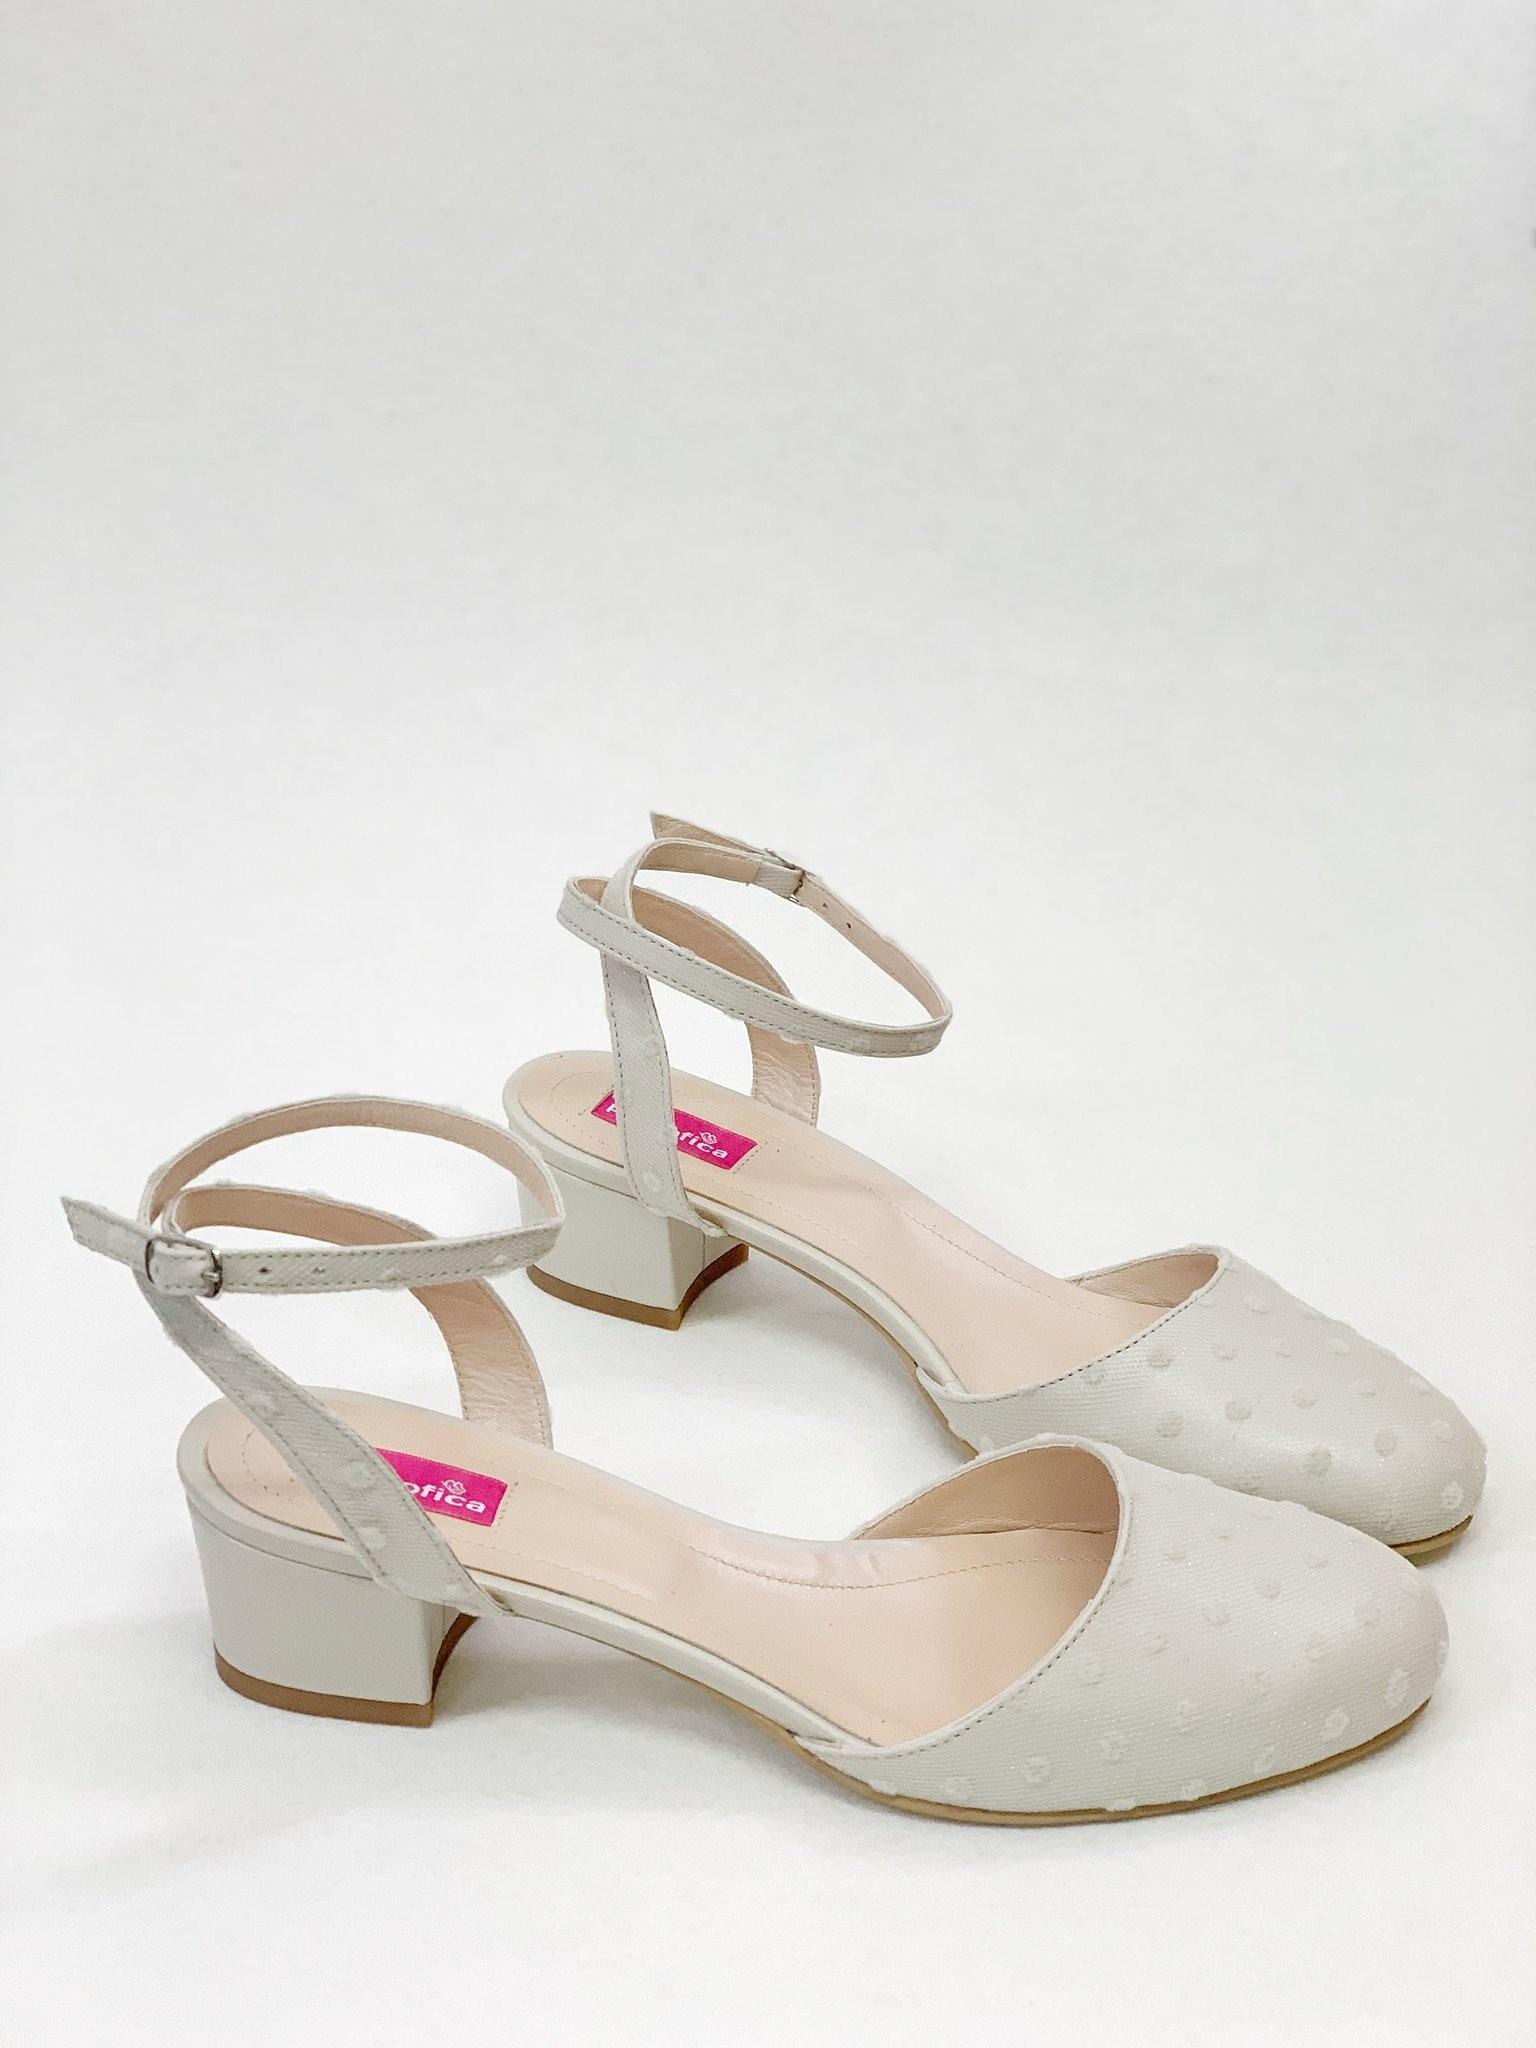 Pantofi Iris Lace